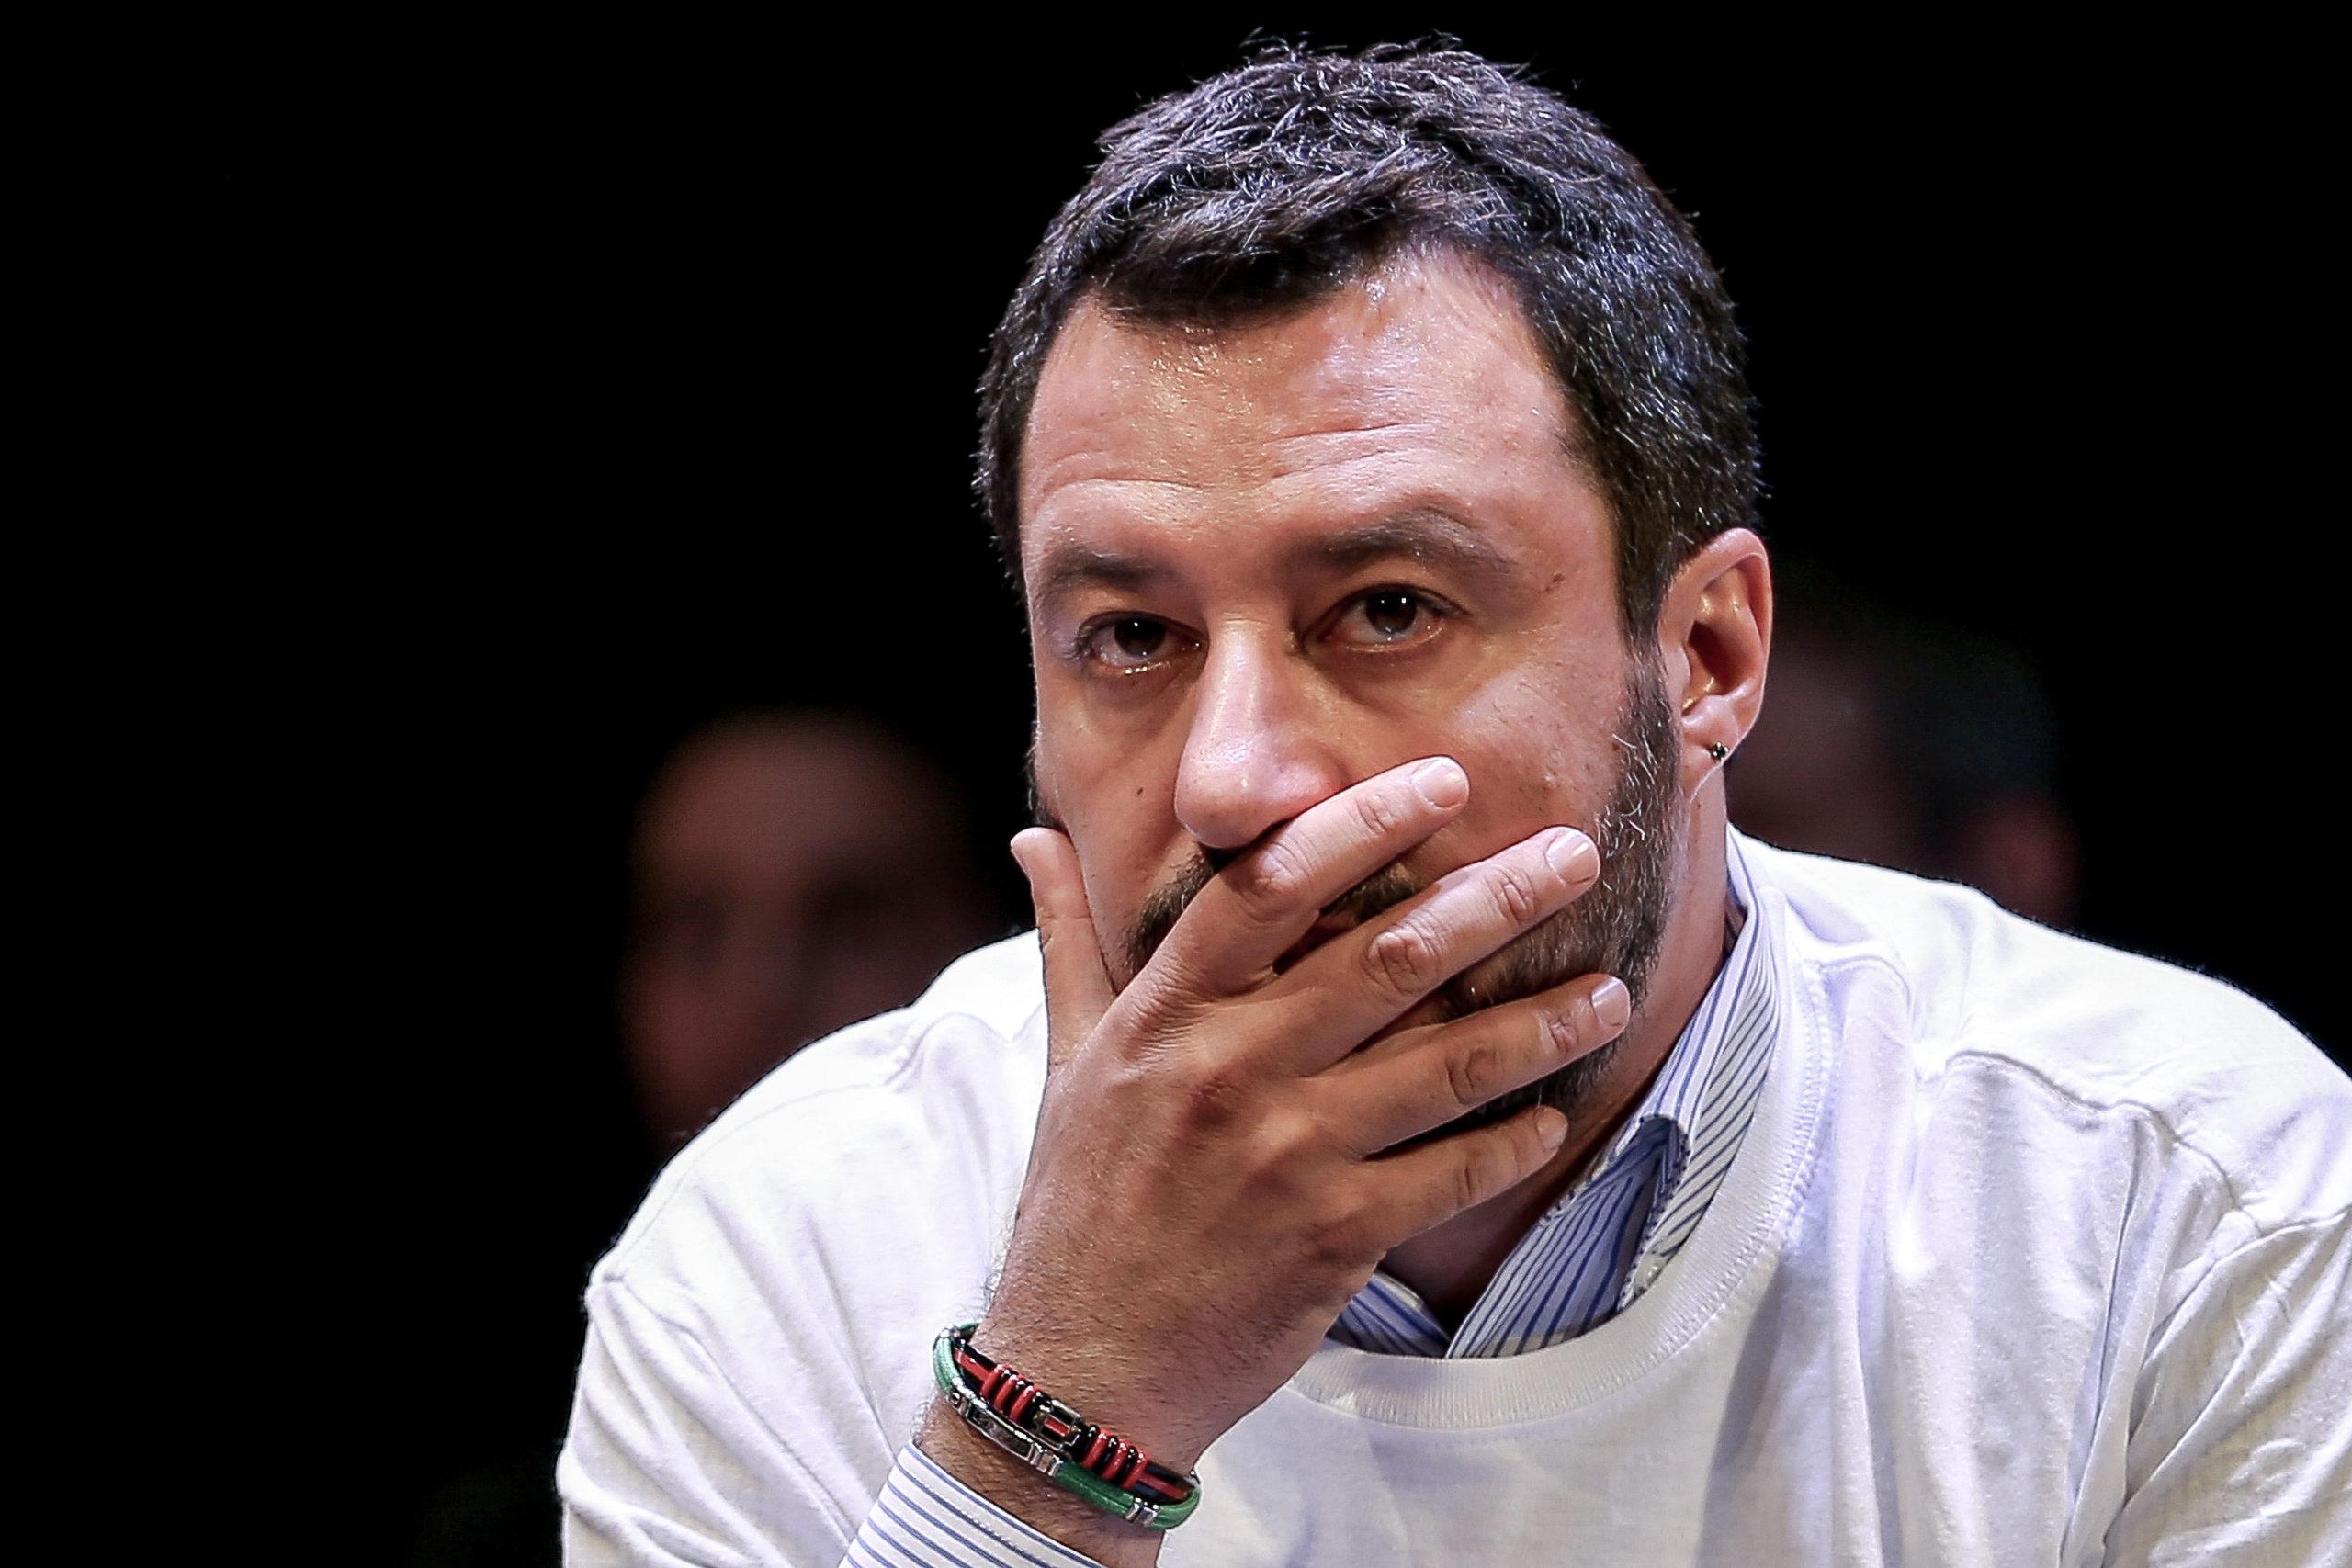 Sul profilo Facebook di Salvini è vietato parlare di 49 milioni di euro